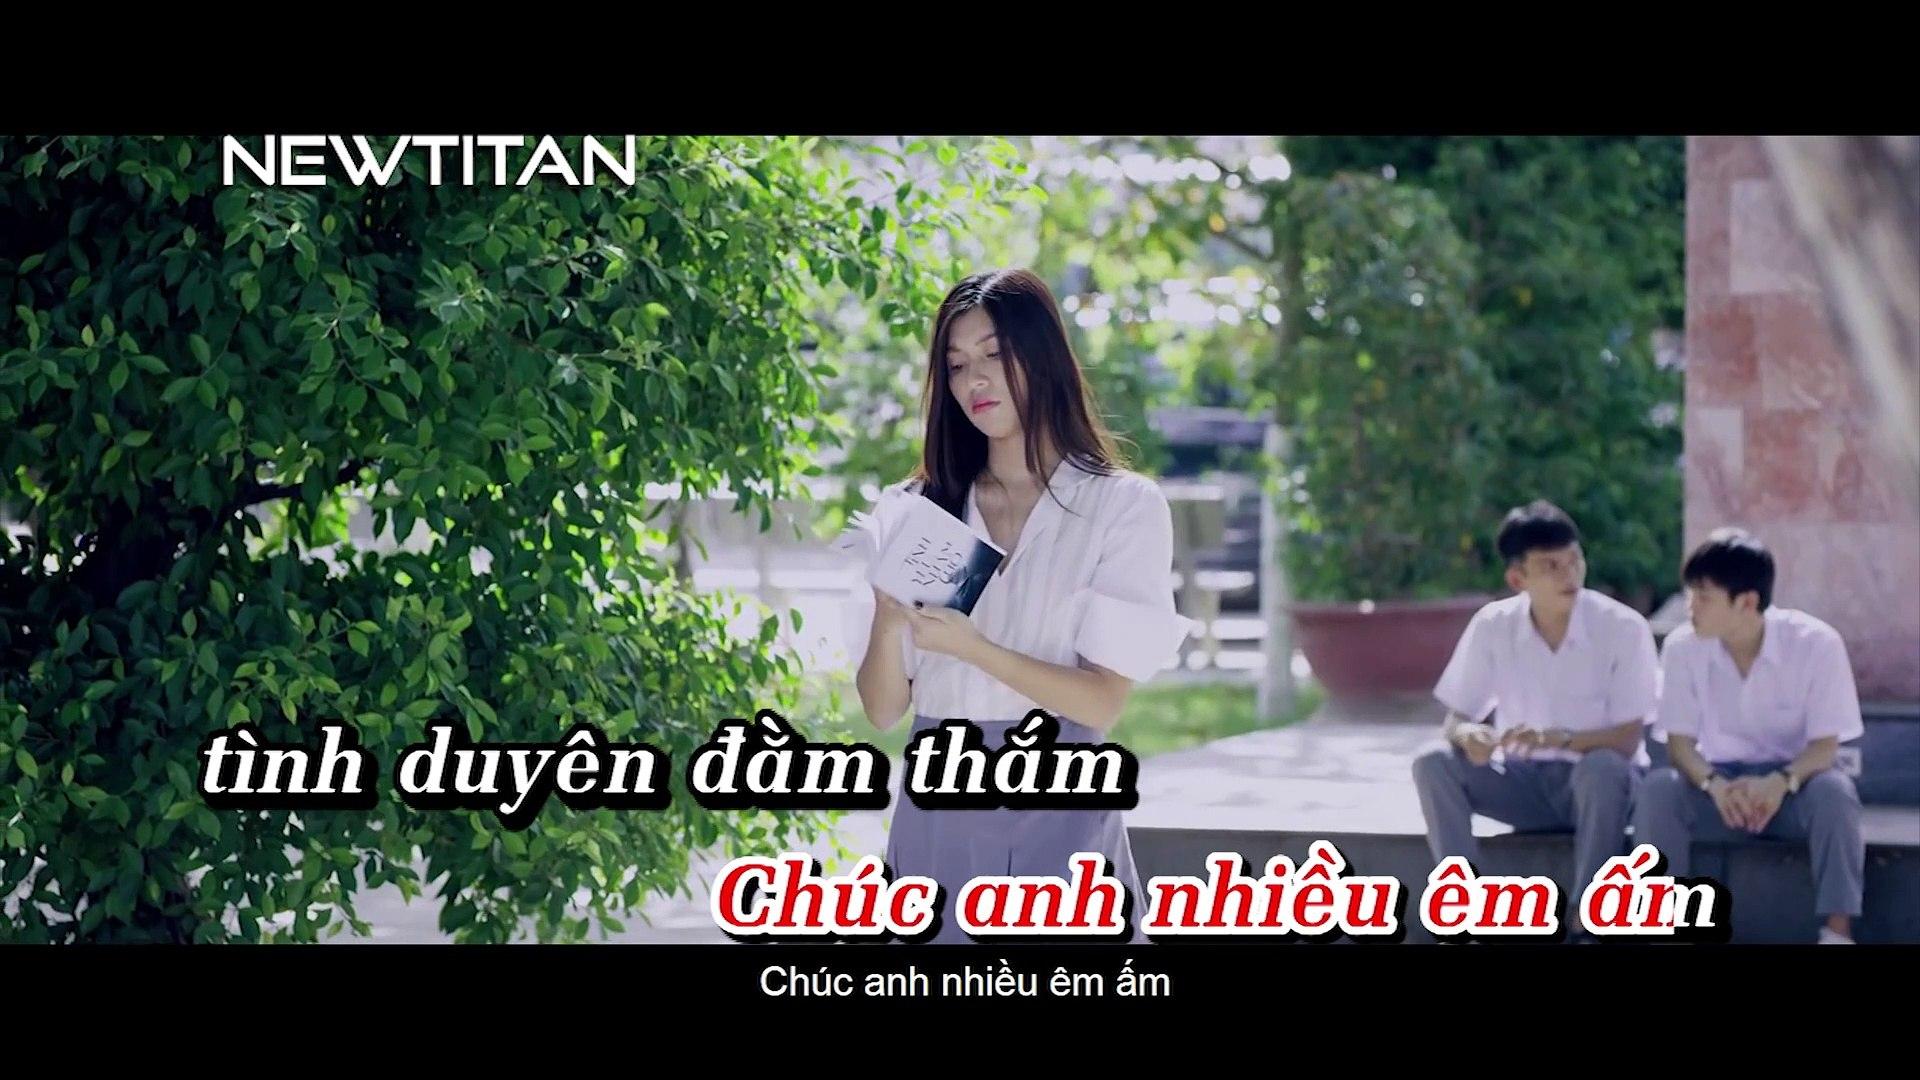 [Karaoke] Nghe Nói Anh Sắp Kết Hôn - Văn Mai Hương Ft. Bùi Anh Tuấn [Beat]